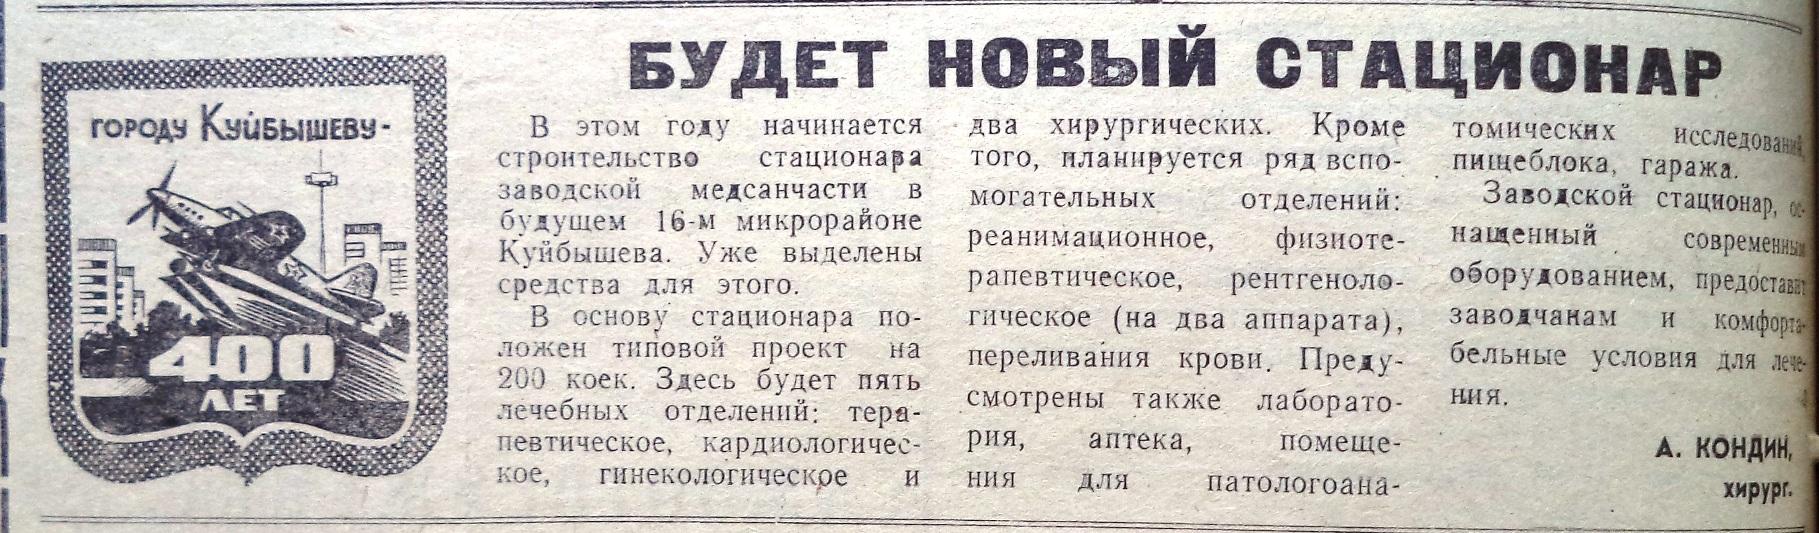 ФОТО-Майская-Минская-27-За ударные темпы-1983-17 июня